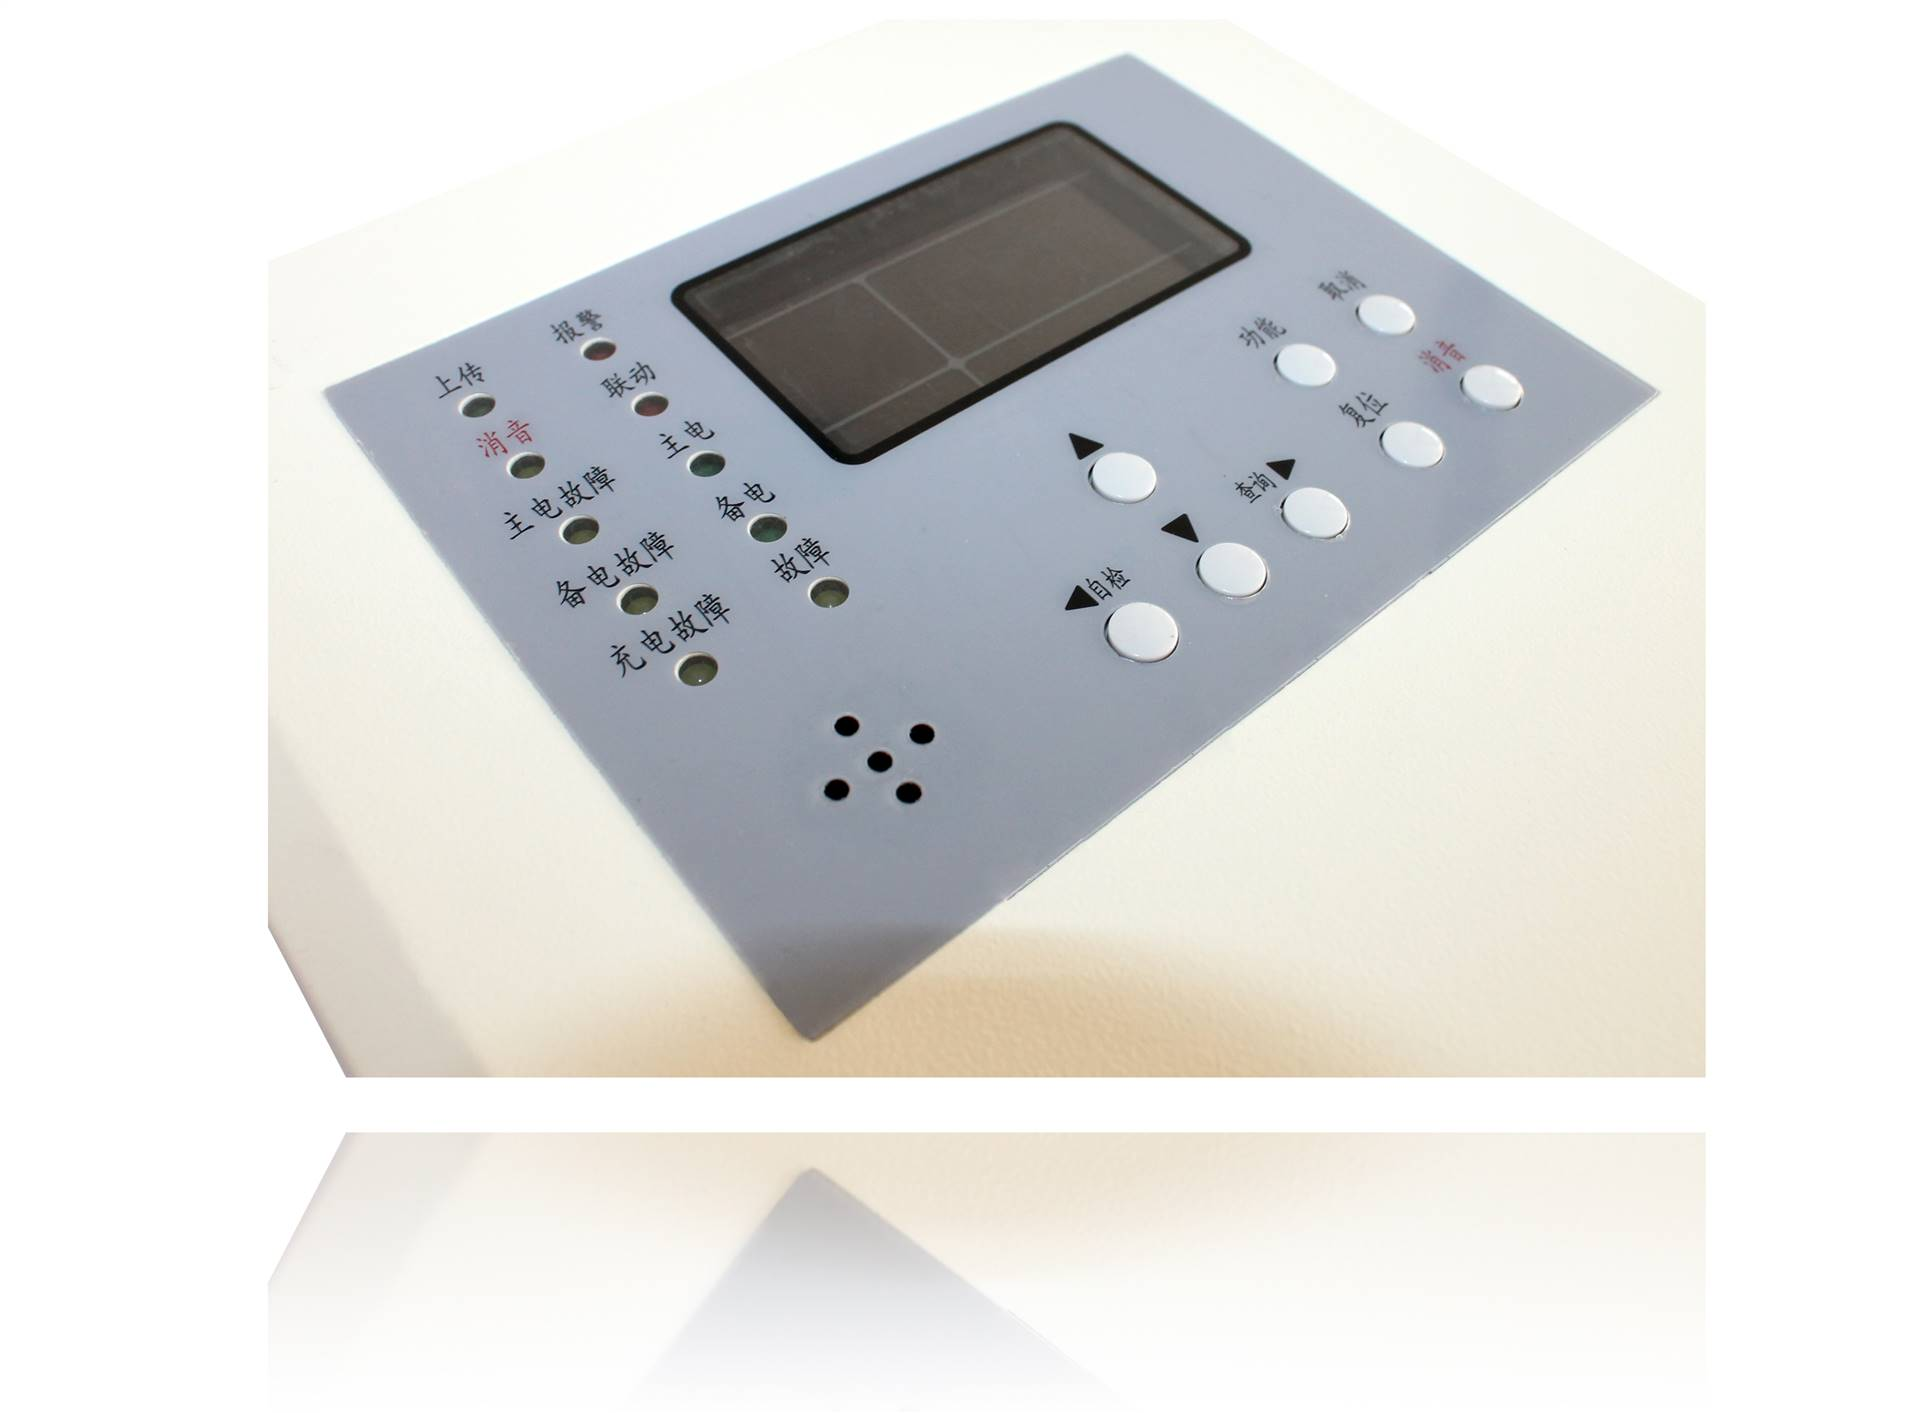 氨气检测仪使用周期